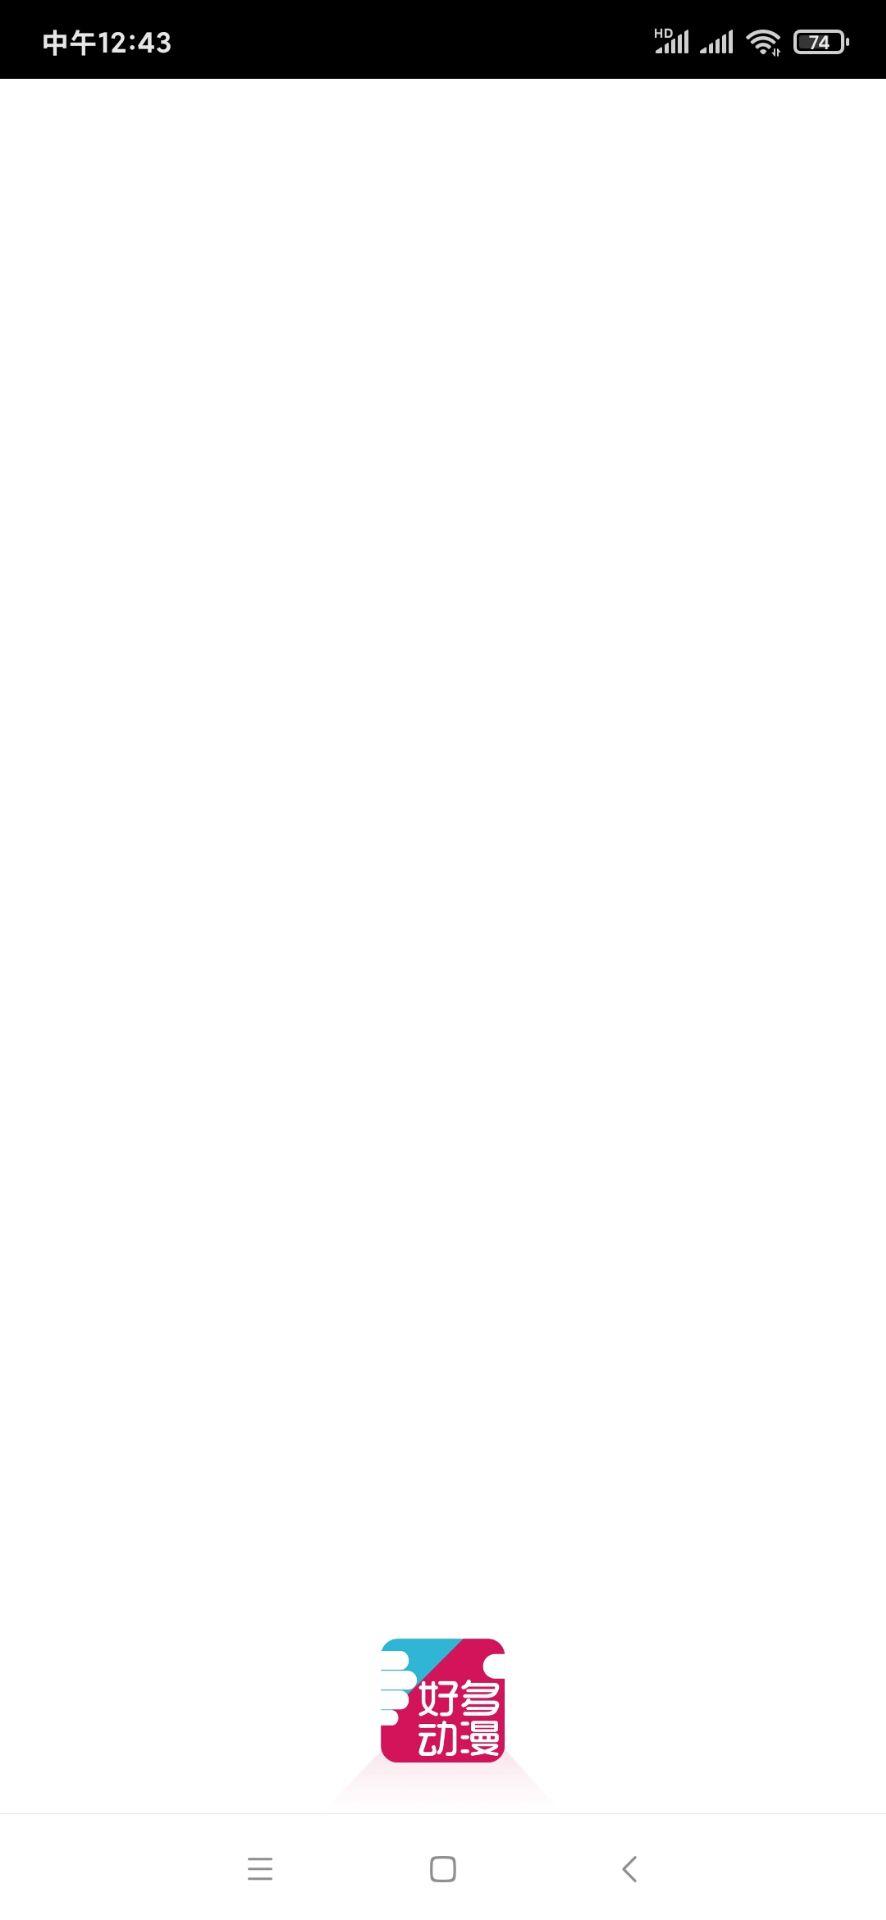 【安卓】好多动漫V4.9.21二次元漫画党必备(无需登录打开就能用)